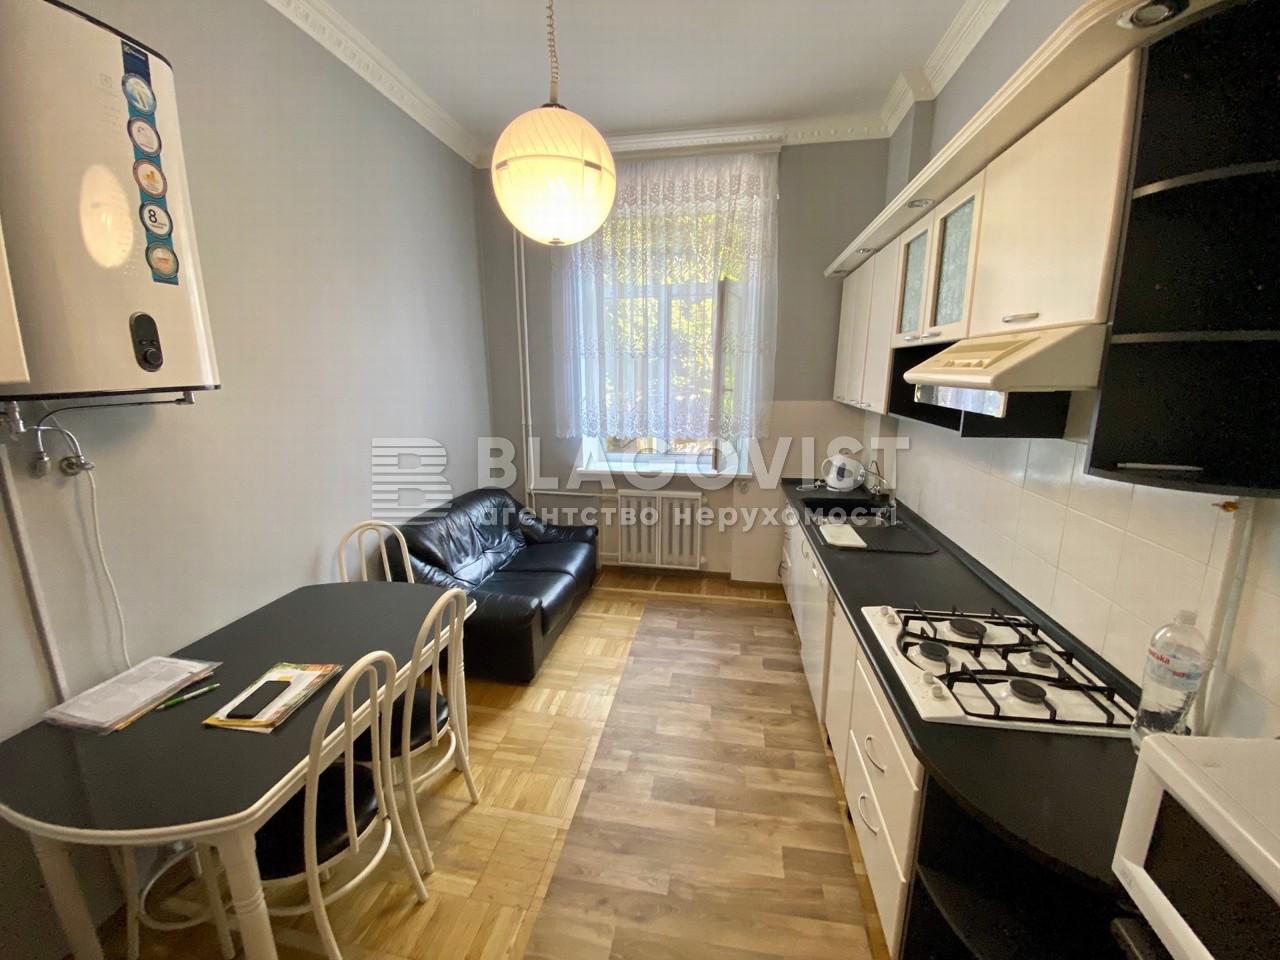 Квартира R-35175, Круглоуниверситетская, 18/2, Киев - Фото 10